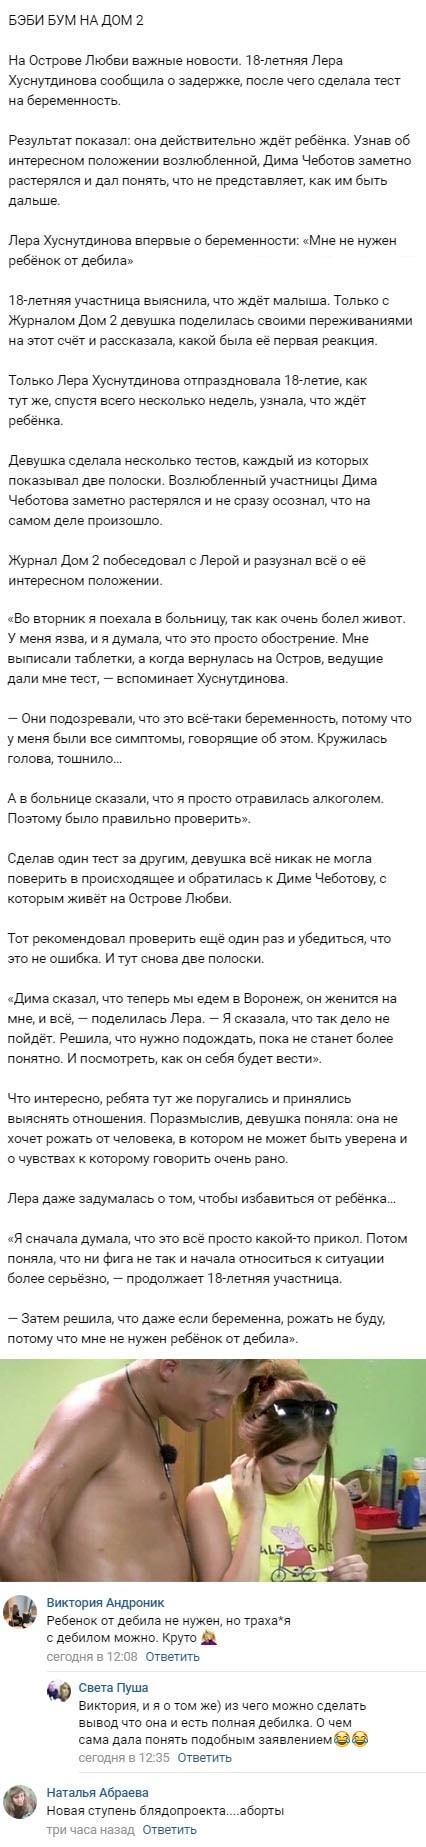 Валерия Хуснутдинова шокировала заявлением о своей беременности